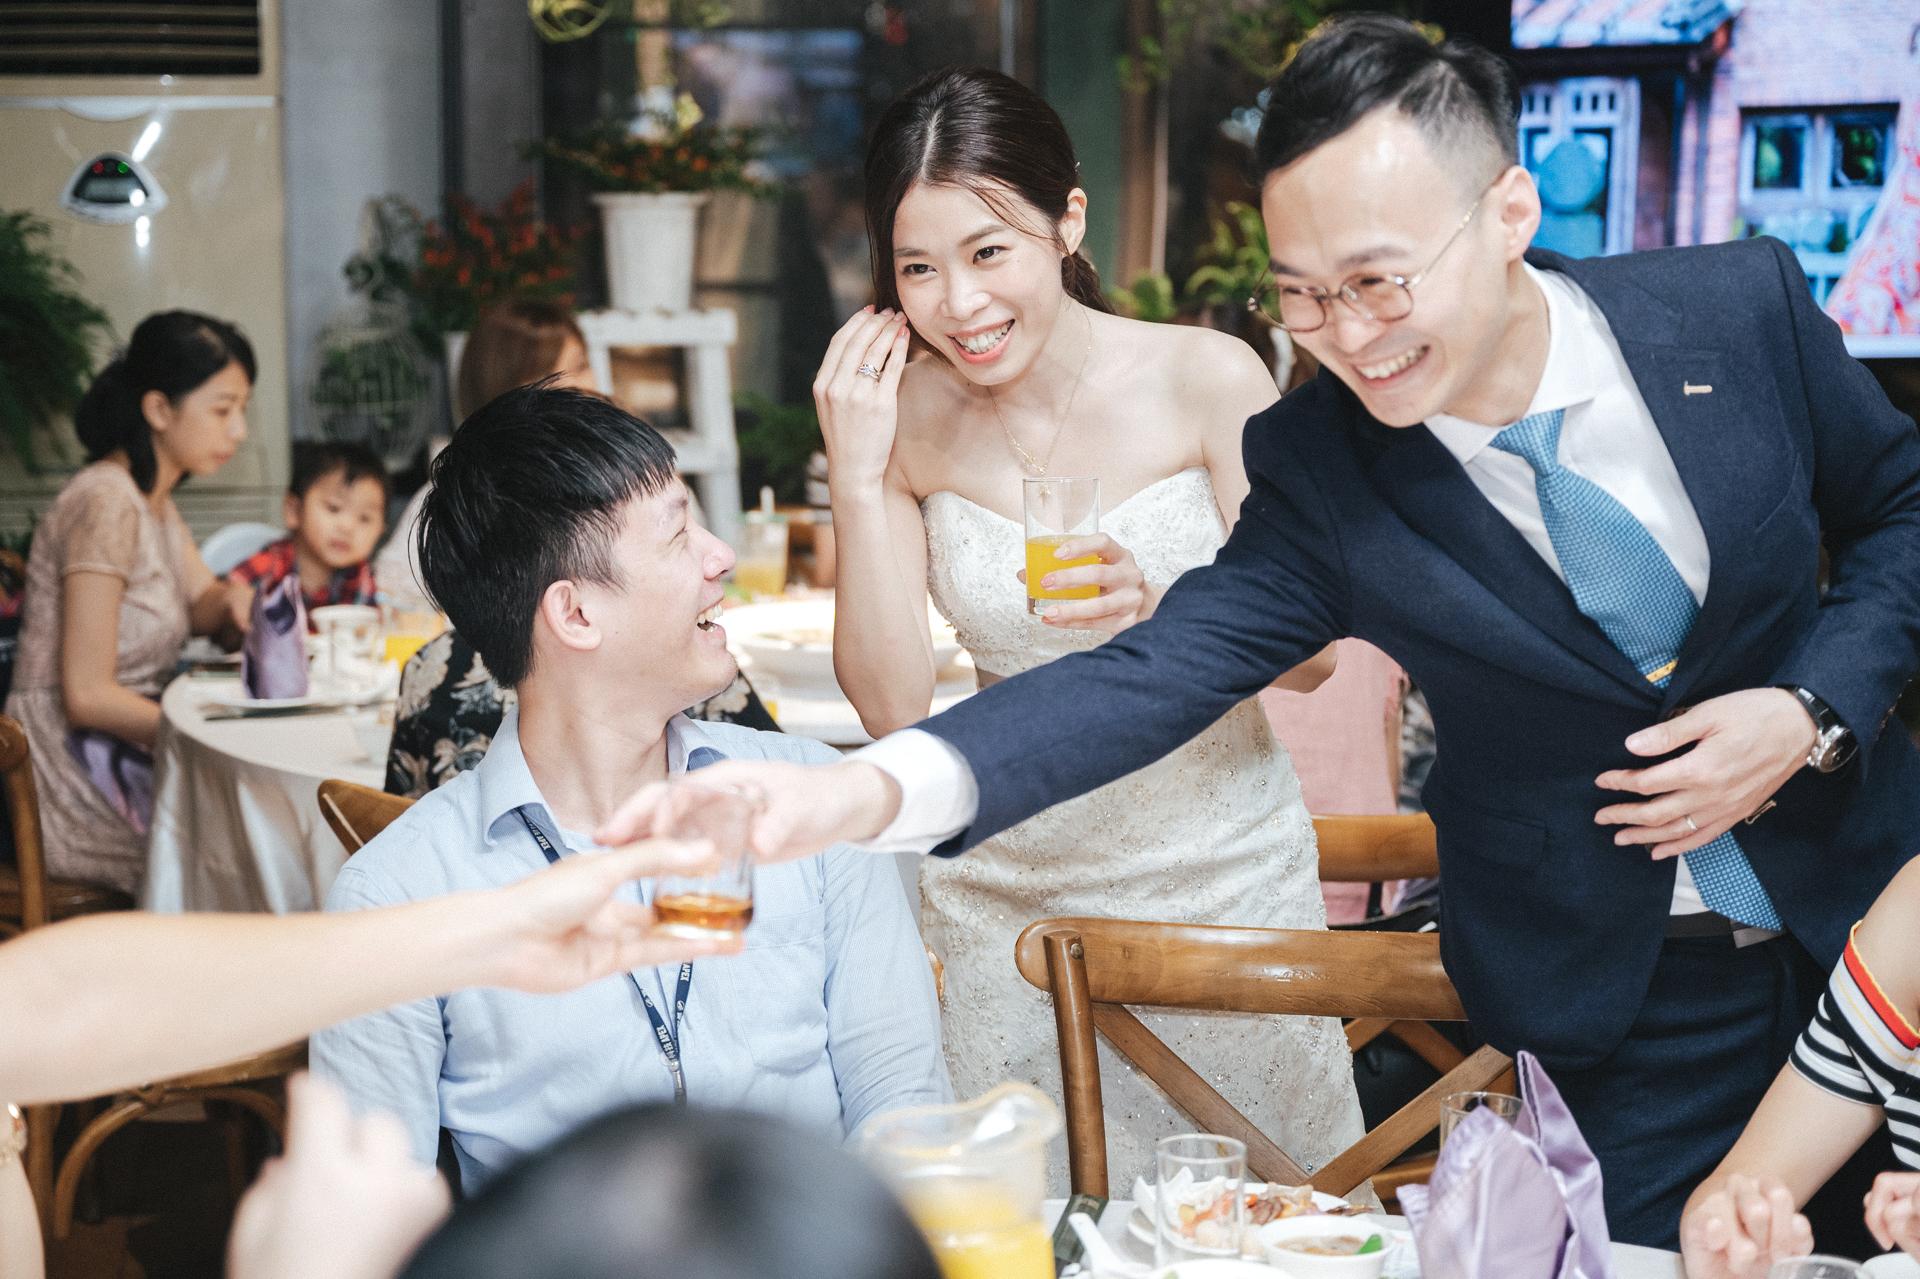 【婚攝】James & Erica / 孫立人將軍官邸(陸軍聯誼廳)